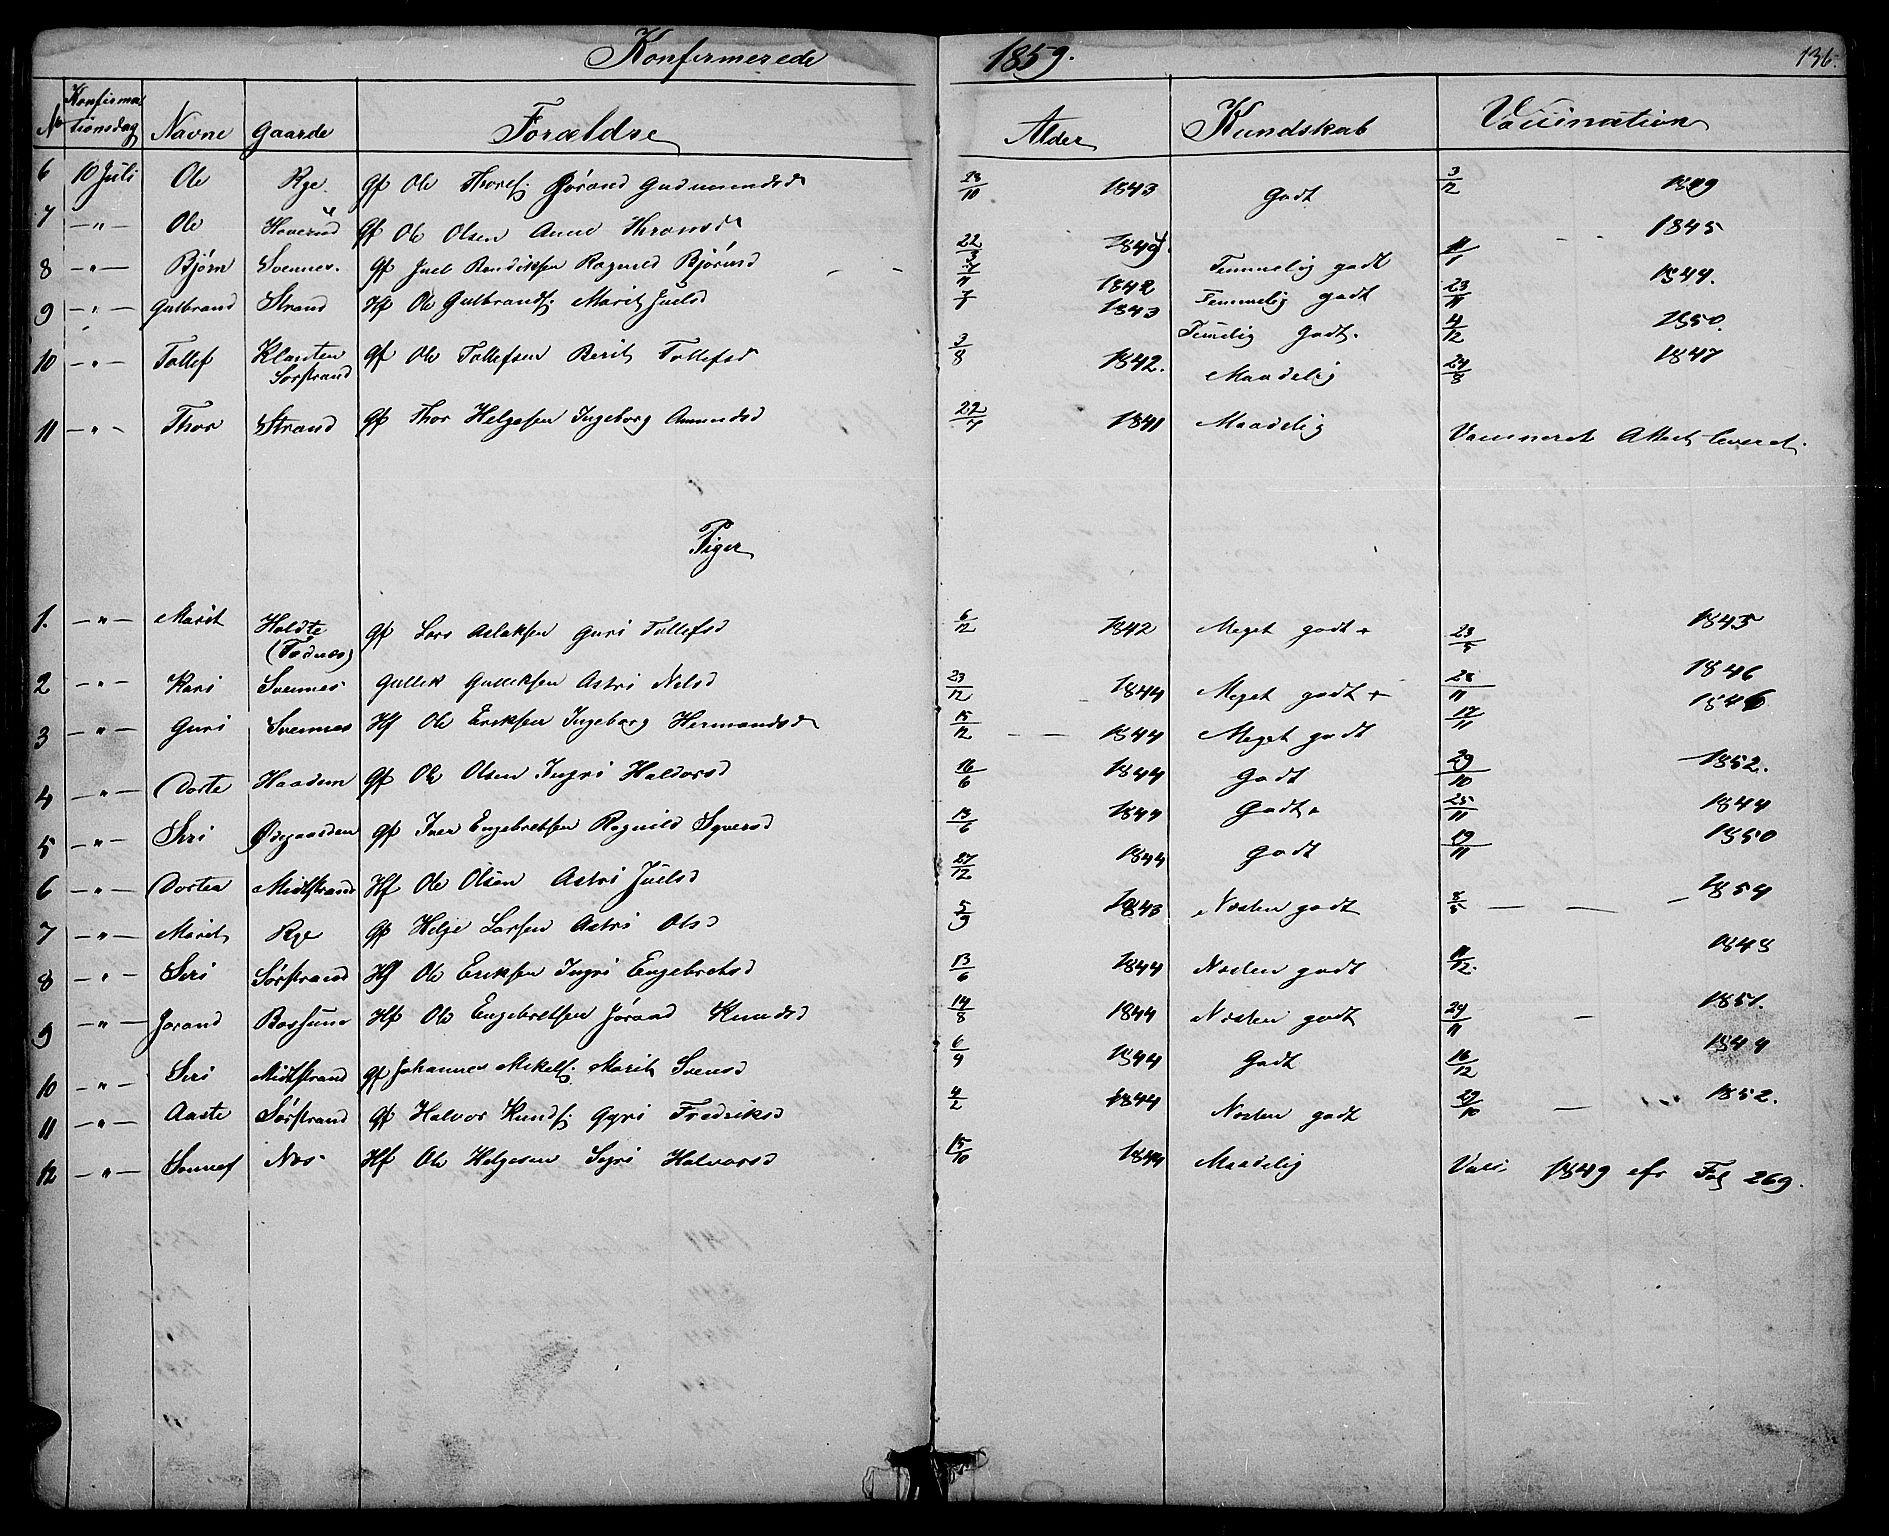 SAH, Nord-Aurdal prestekontor, Klokkerbok nr. 3, 1842-1882, s. 136